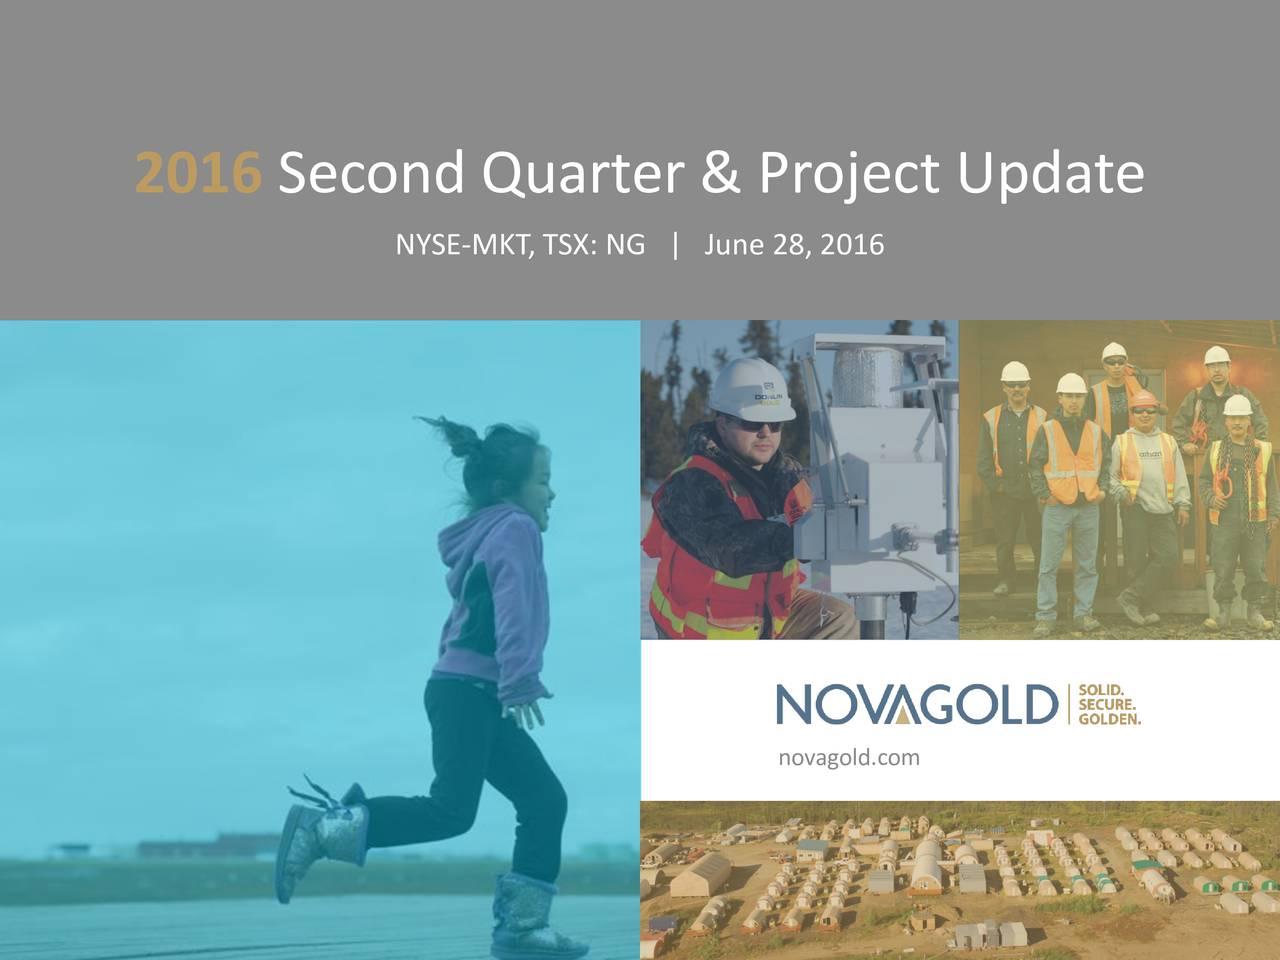 NYSE-MKT, TSX: NG | June 28, 2016 novagold.com